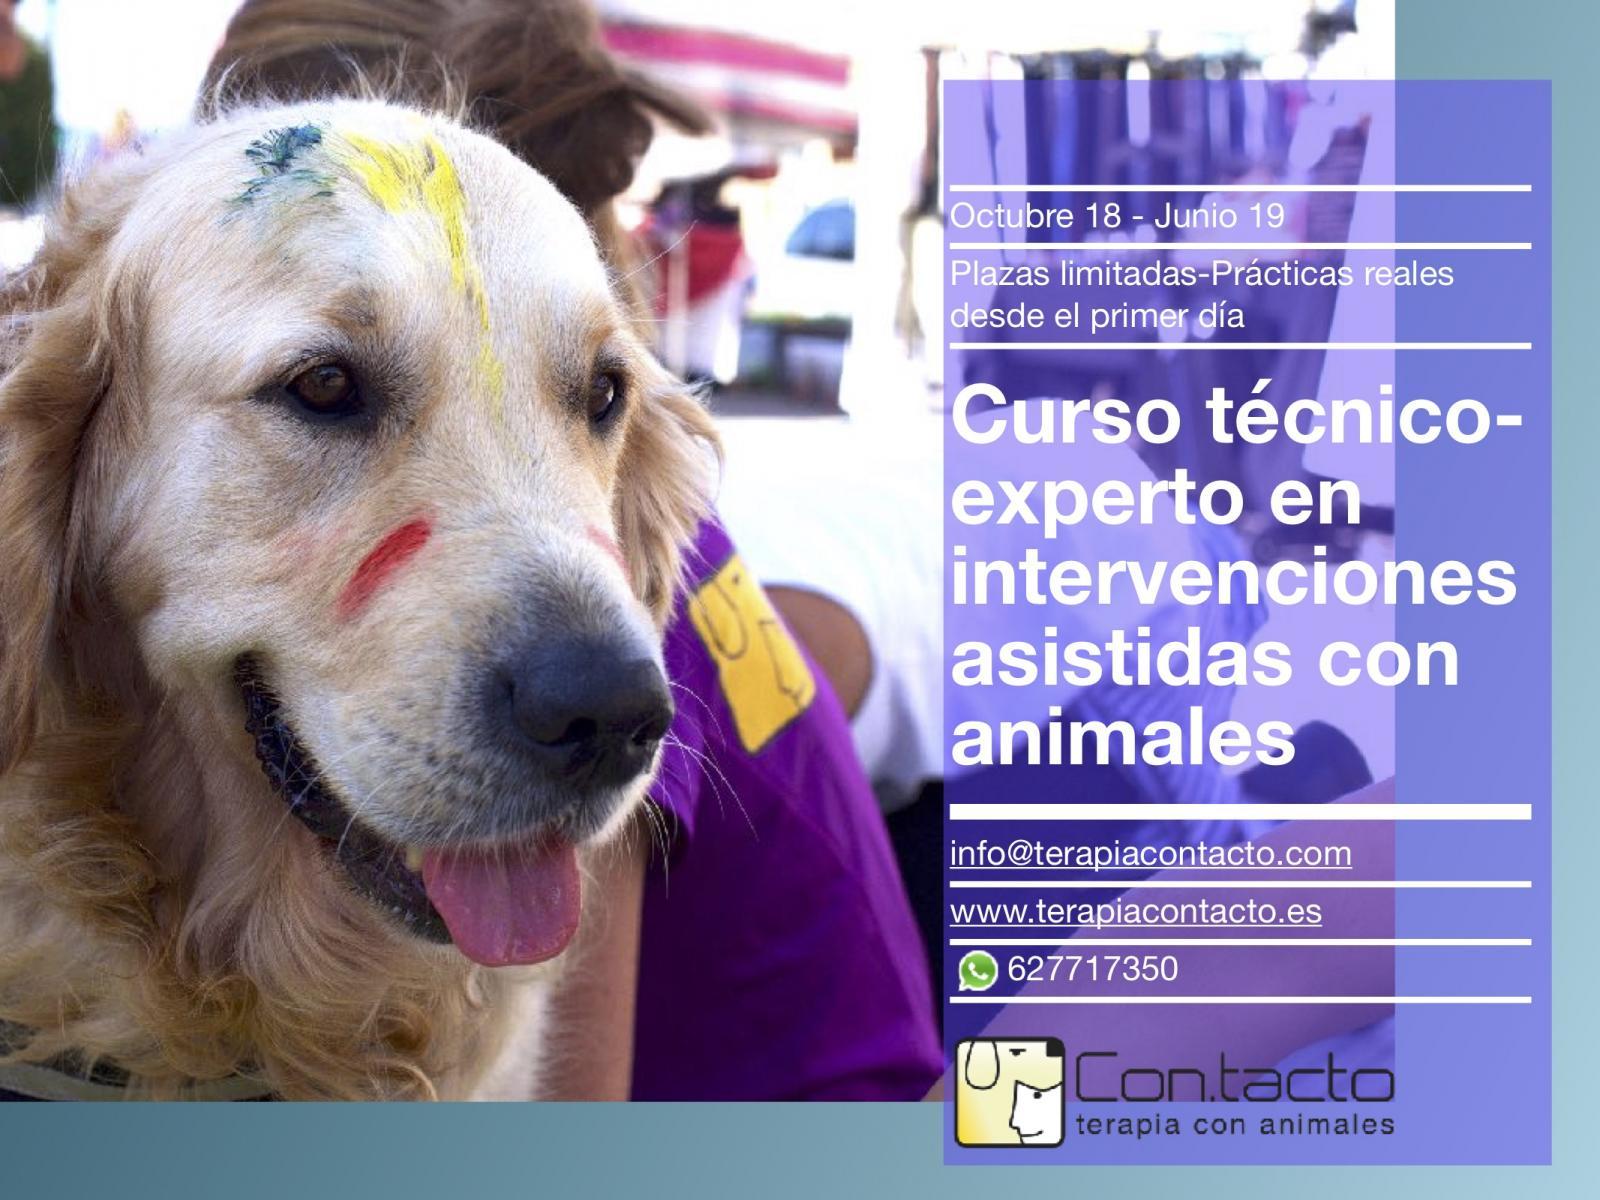 Nuevos cursos formación en intervenciones con animales 18/19